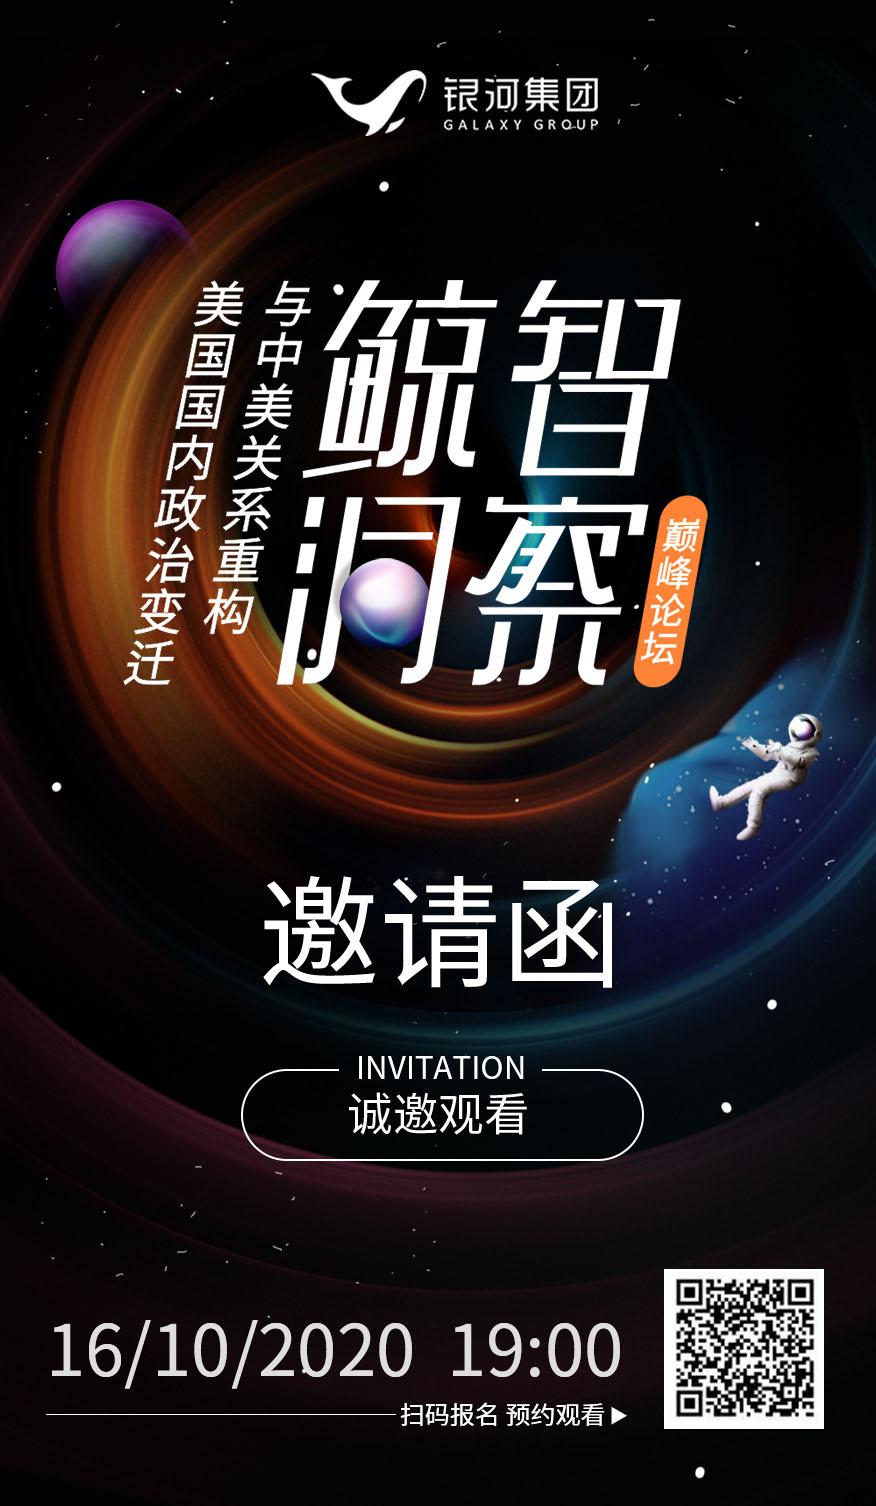 鲸智洞察 | 与国内顶级专家探讨国际形势,银河集团邀您提出宝贵问题!